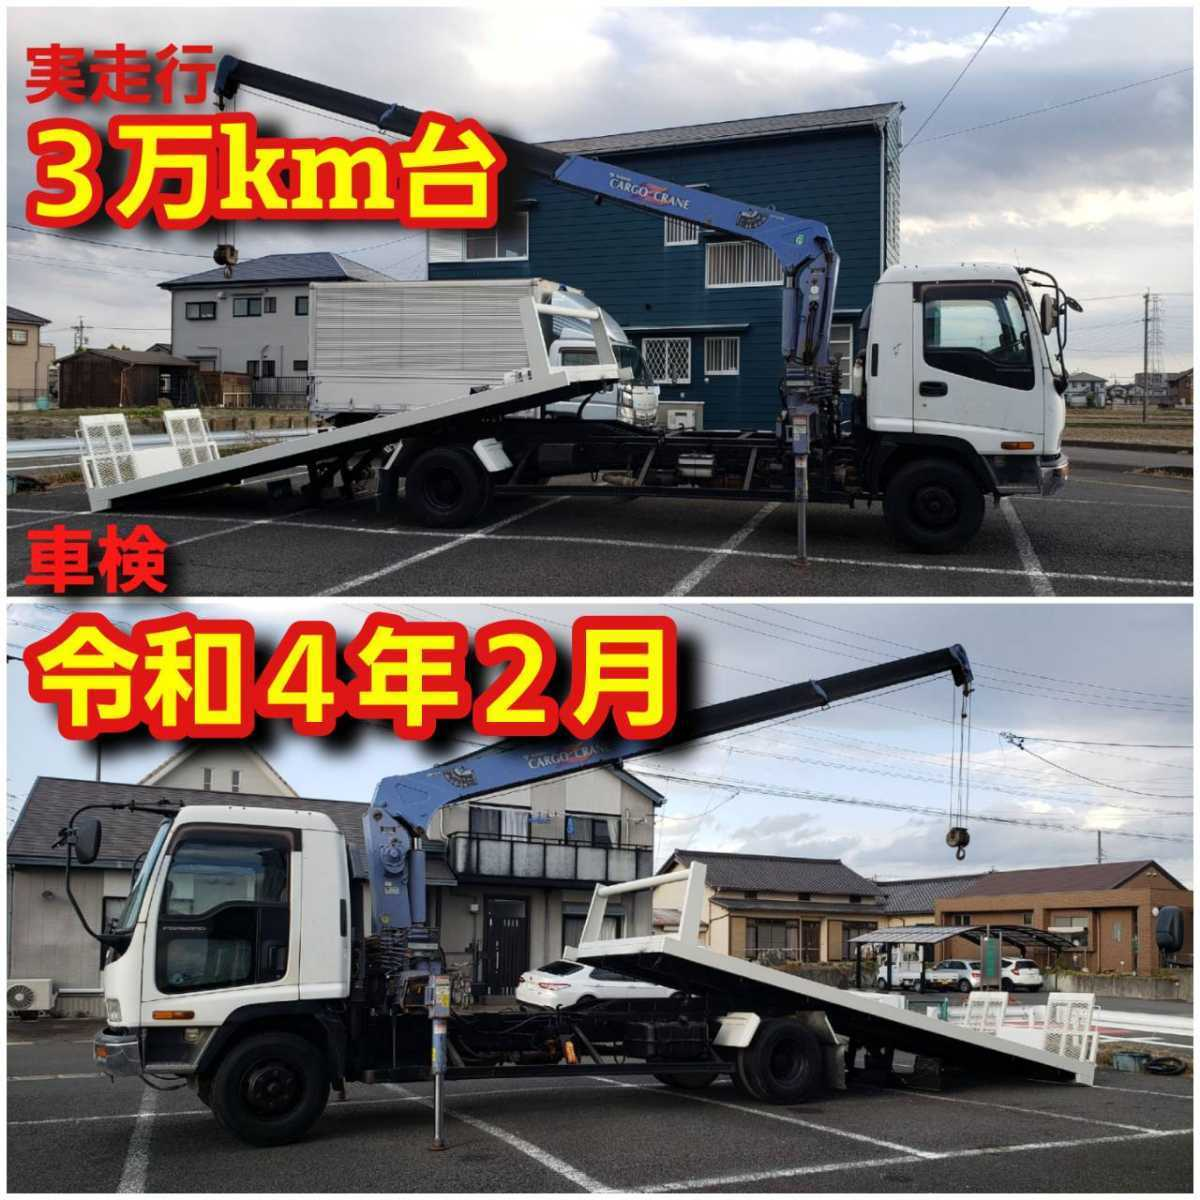 【1円スタート】 車検4年2月 実走行3万km台 内寸5.8m 17年いすゞフォワード クレーン付き